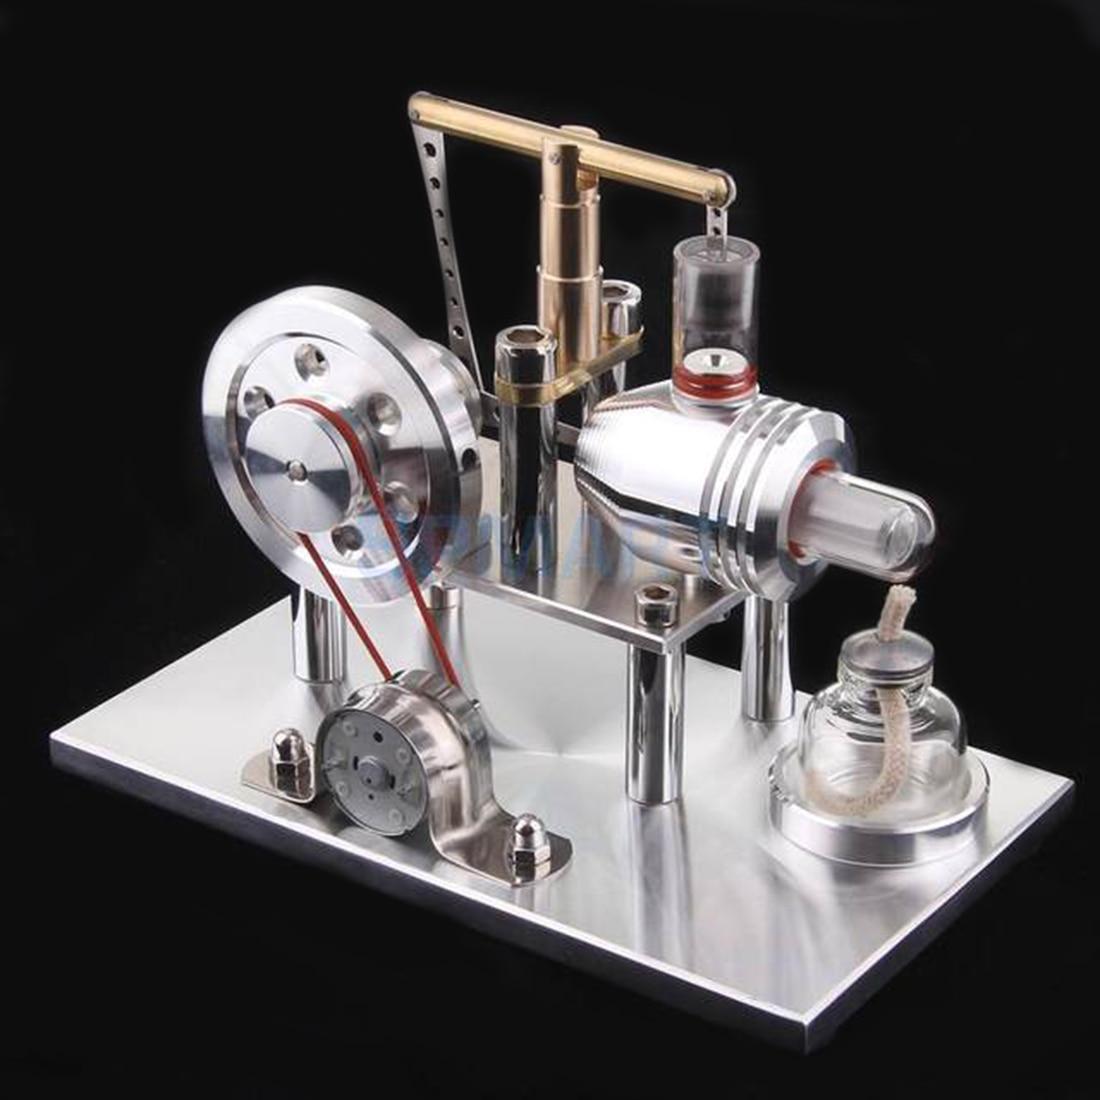 Surwish Balance Stirling générateur moteur cylindre générateur éducation modèle bricolage tige de vapeur jouet